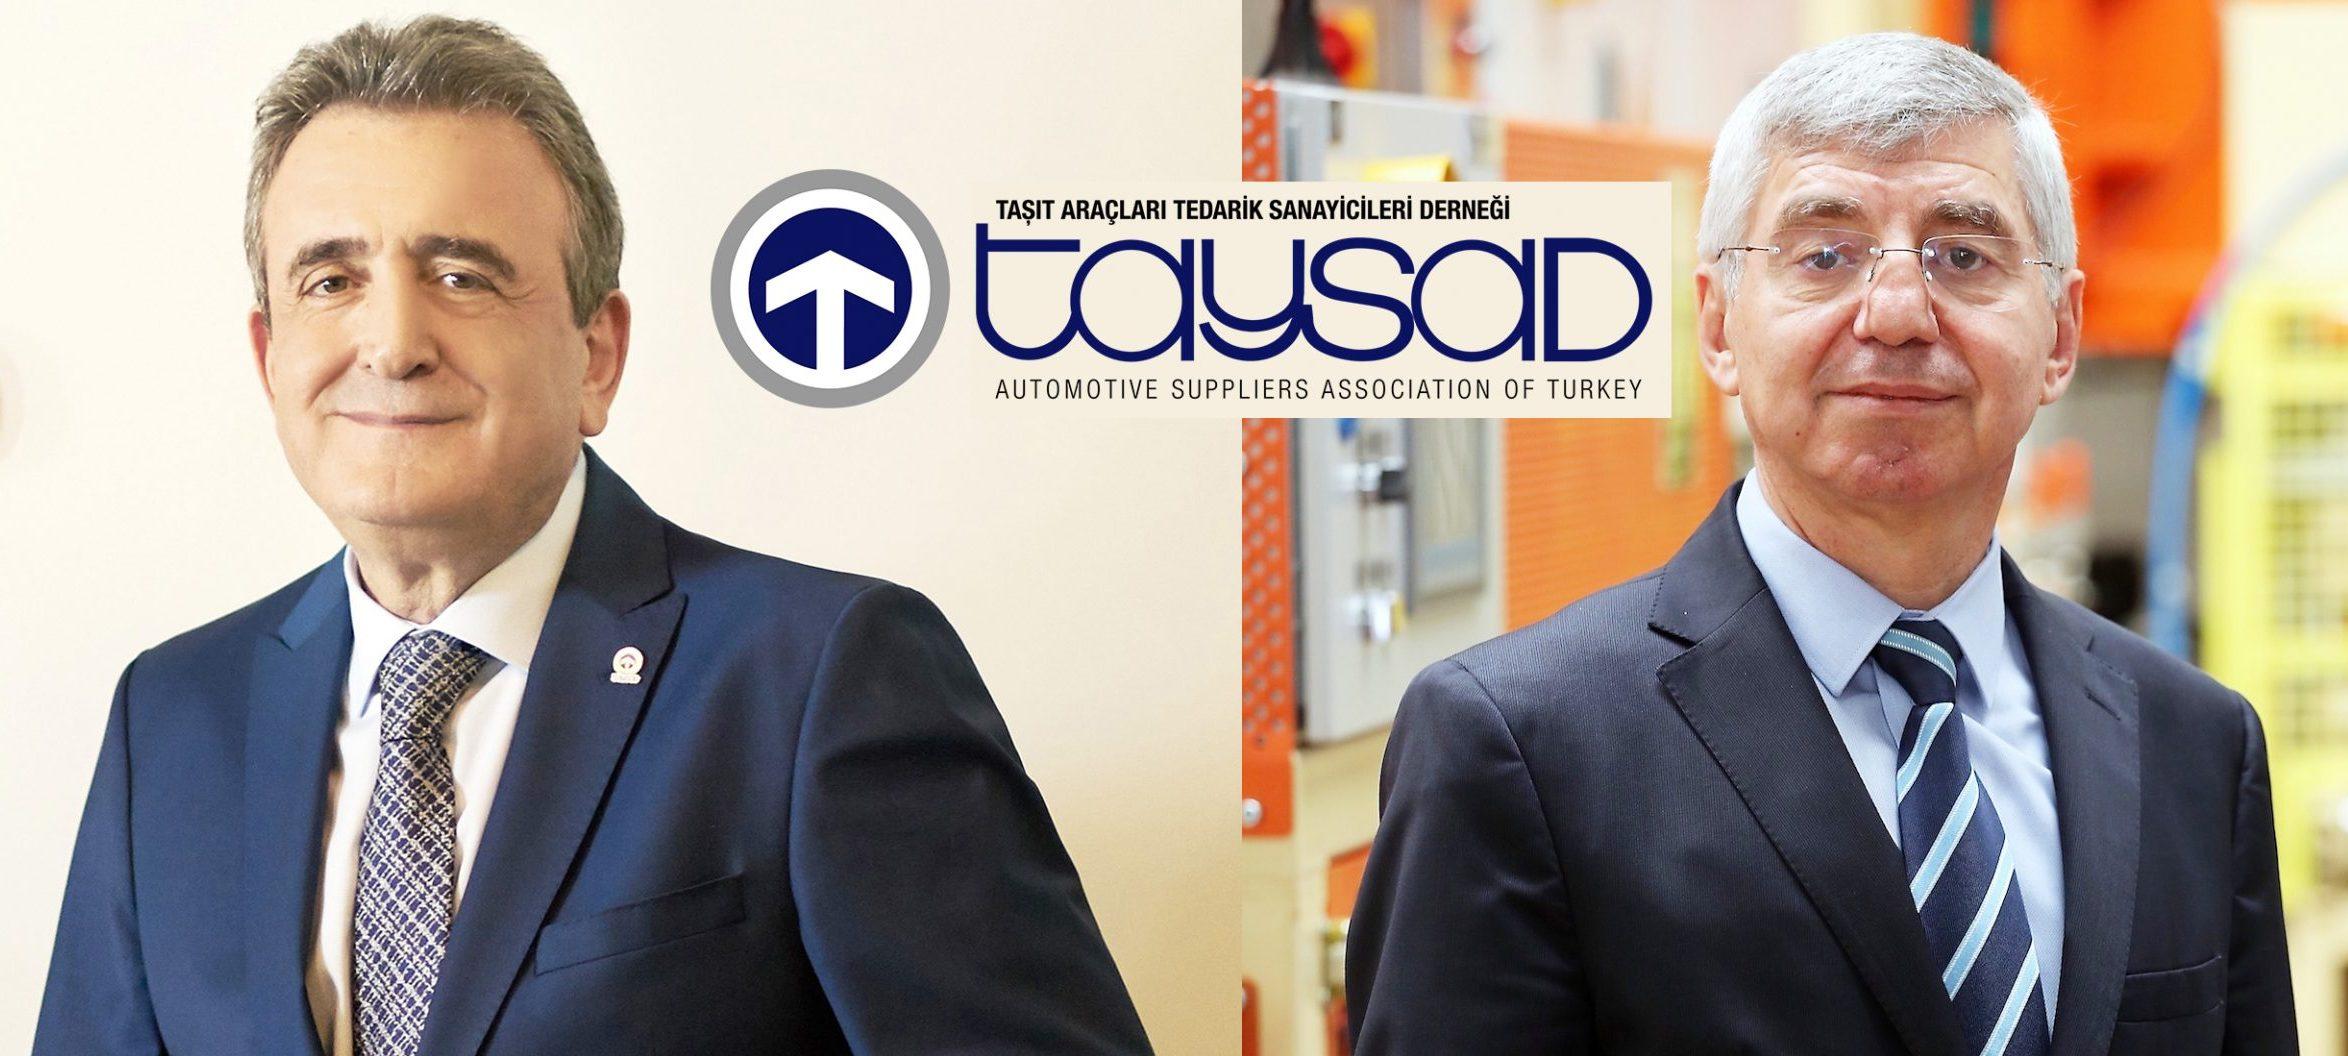 TAYSAD Start-up'ları destekliyor